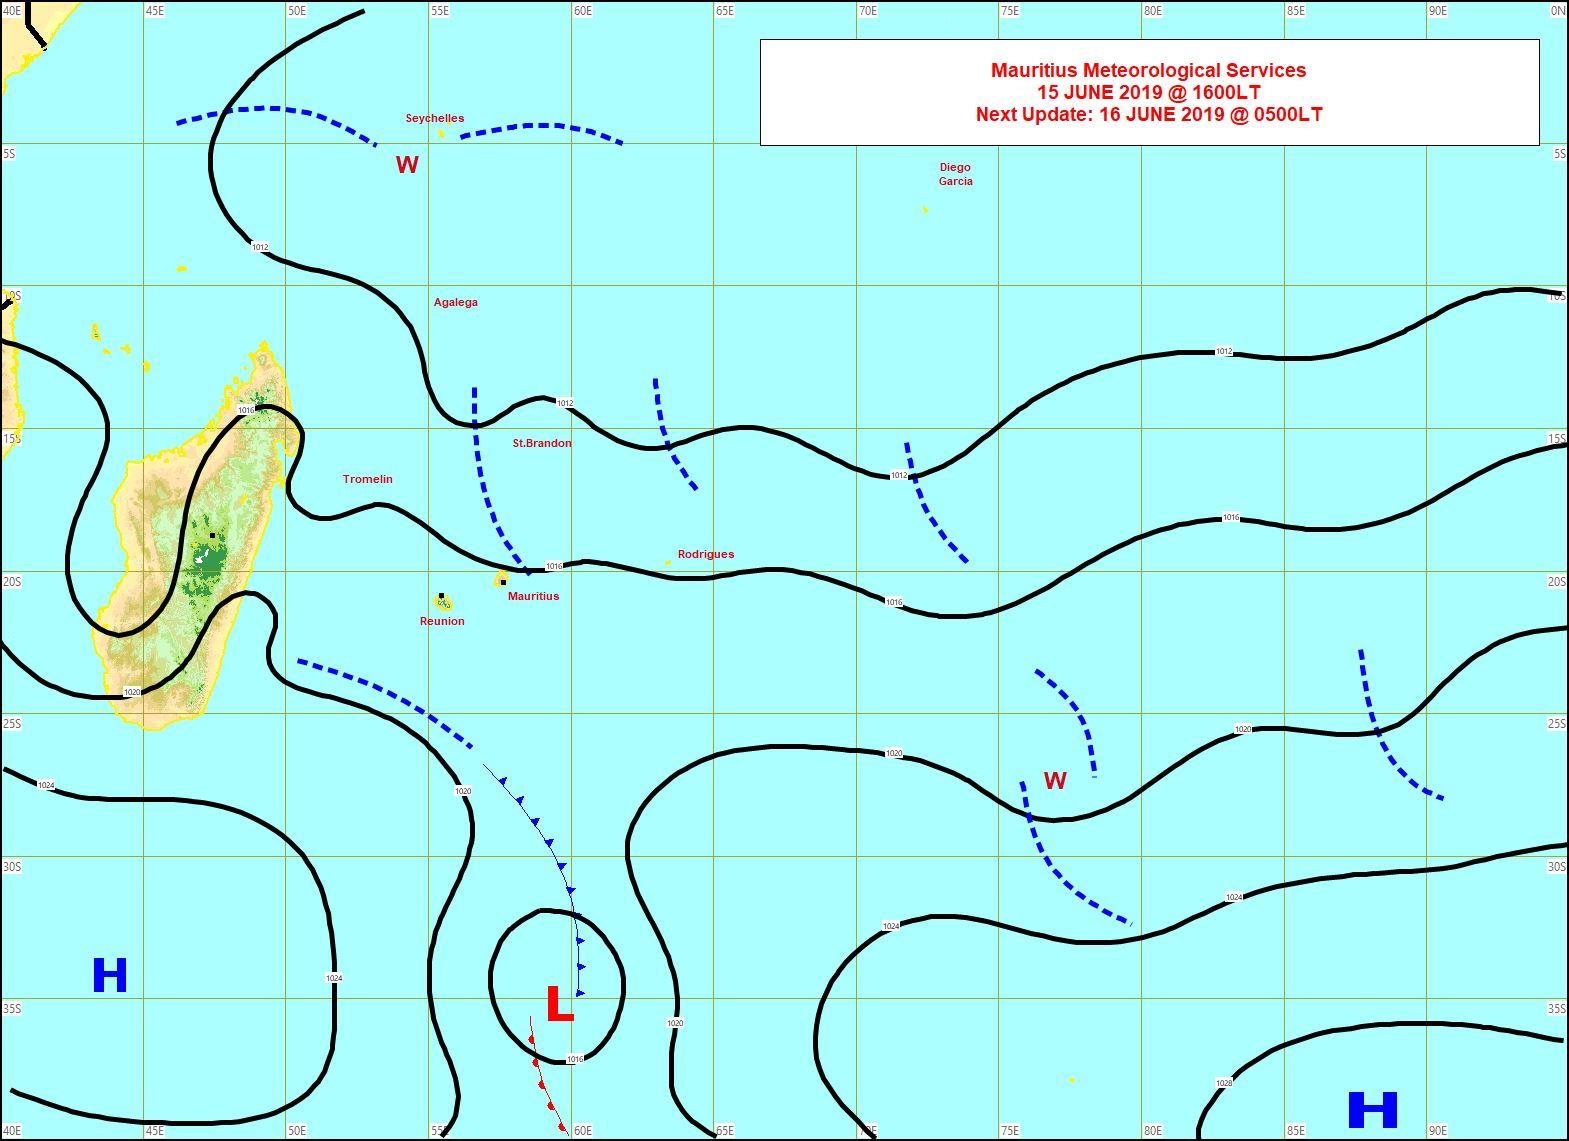 Analyse de la situation de surface à 16heures. Une cellule anticylonique modérée se trouve au sud de Mada et renforcera un peu le vent sur notre région à partir de Lundi. MMS